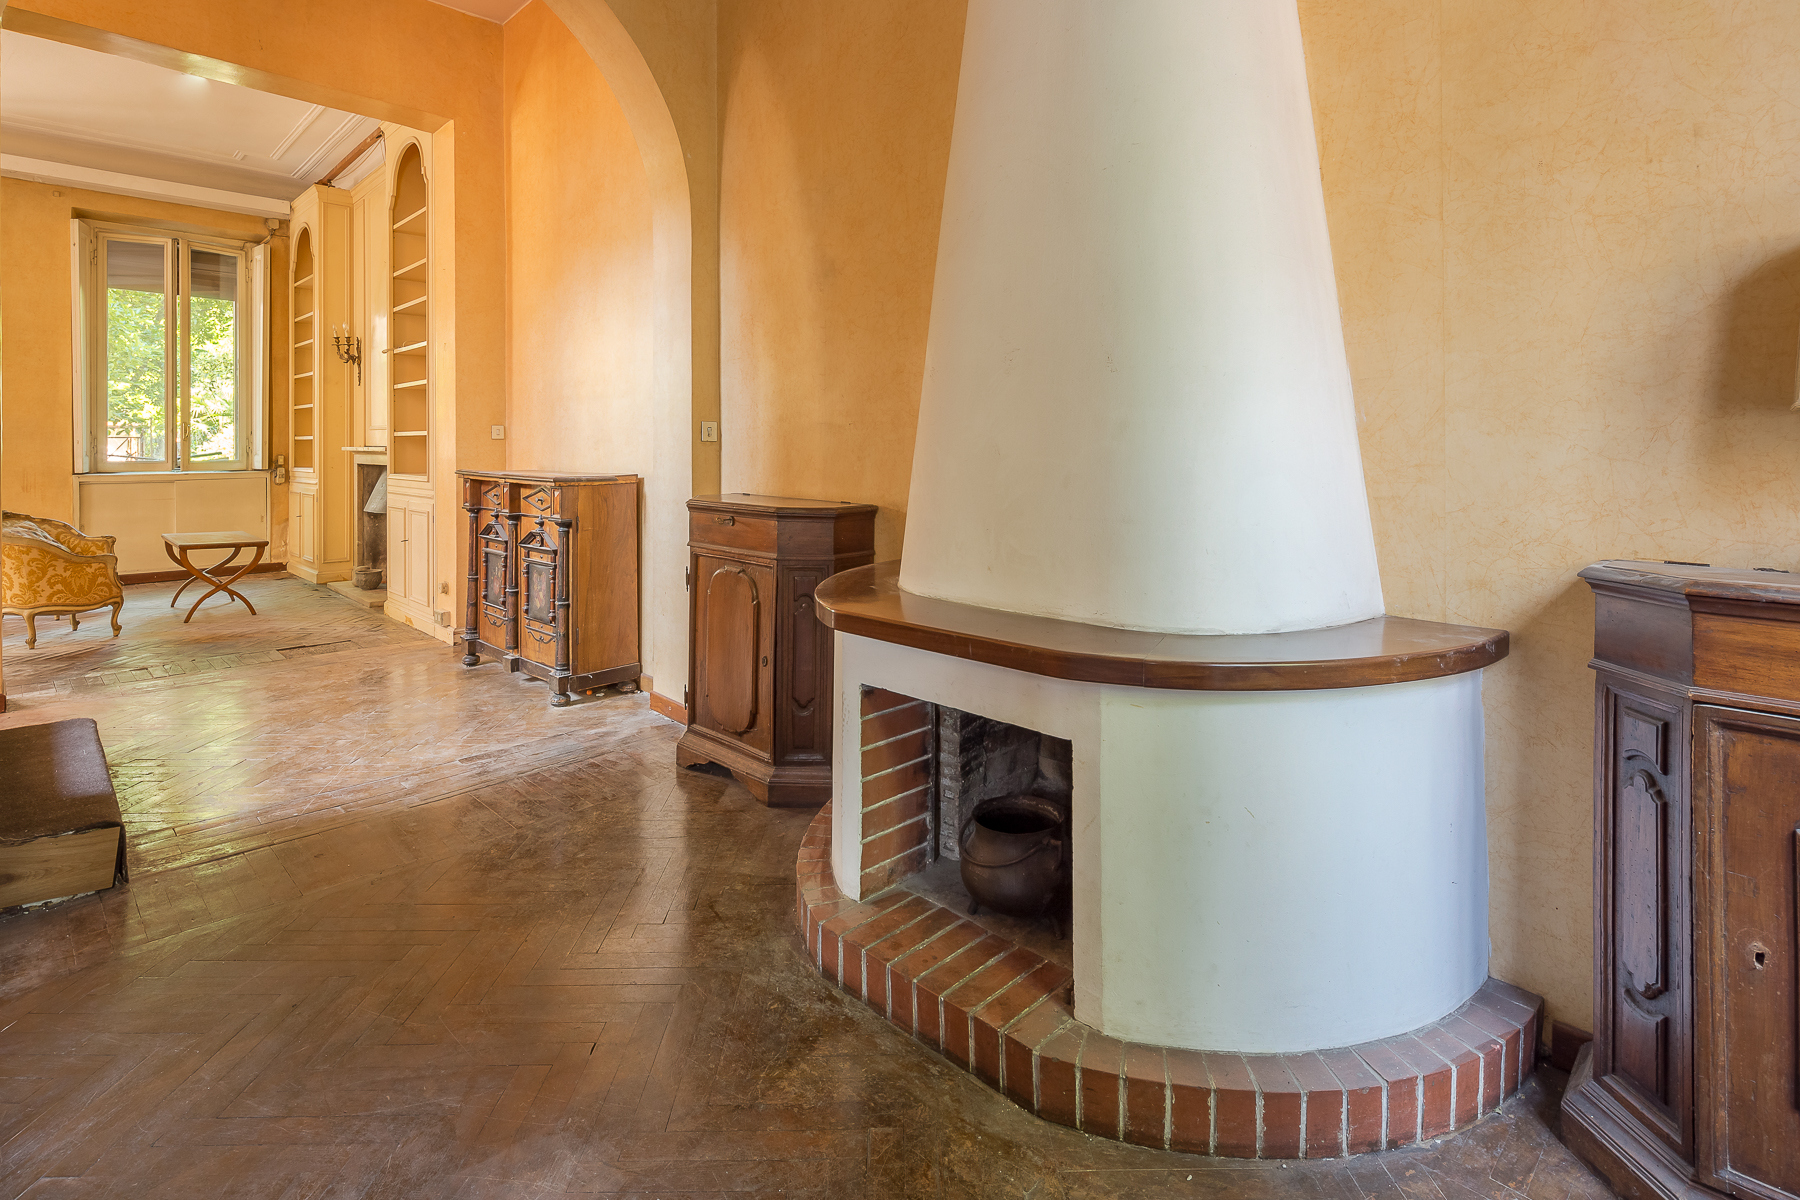 Villa in Vendita a Milano: 5 locali, 410 mq - Foto 7